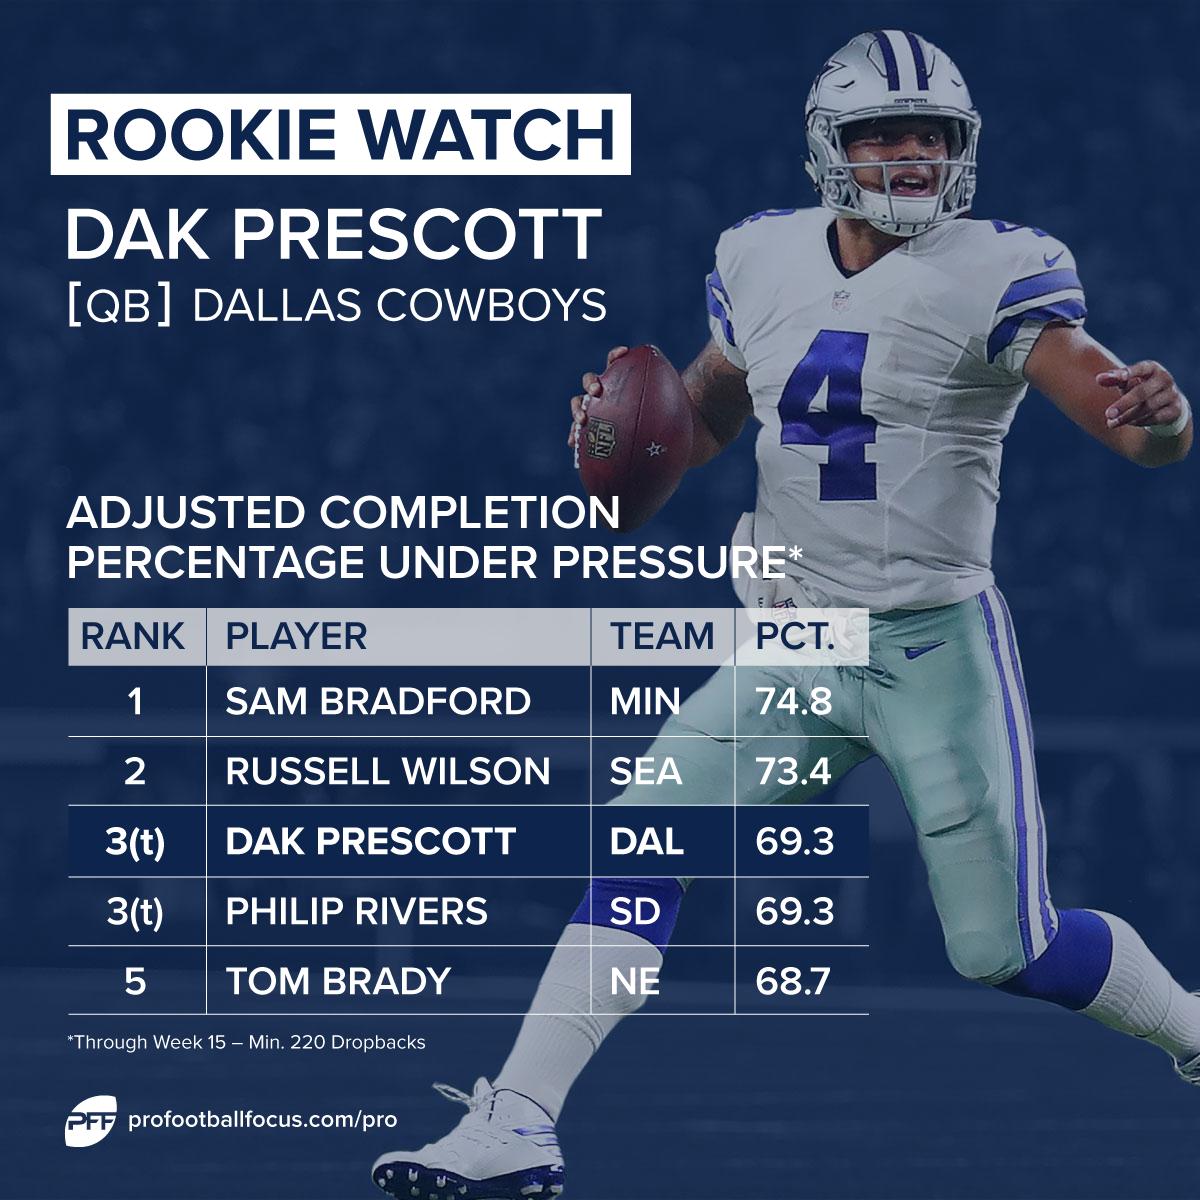 Dak Prescott rookie watch